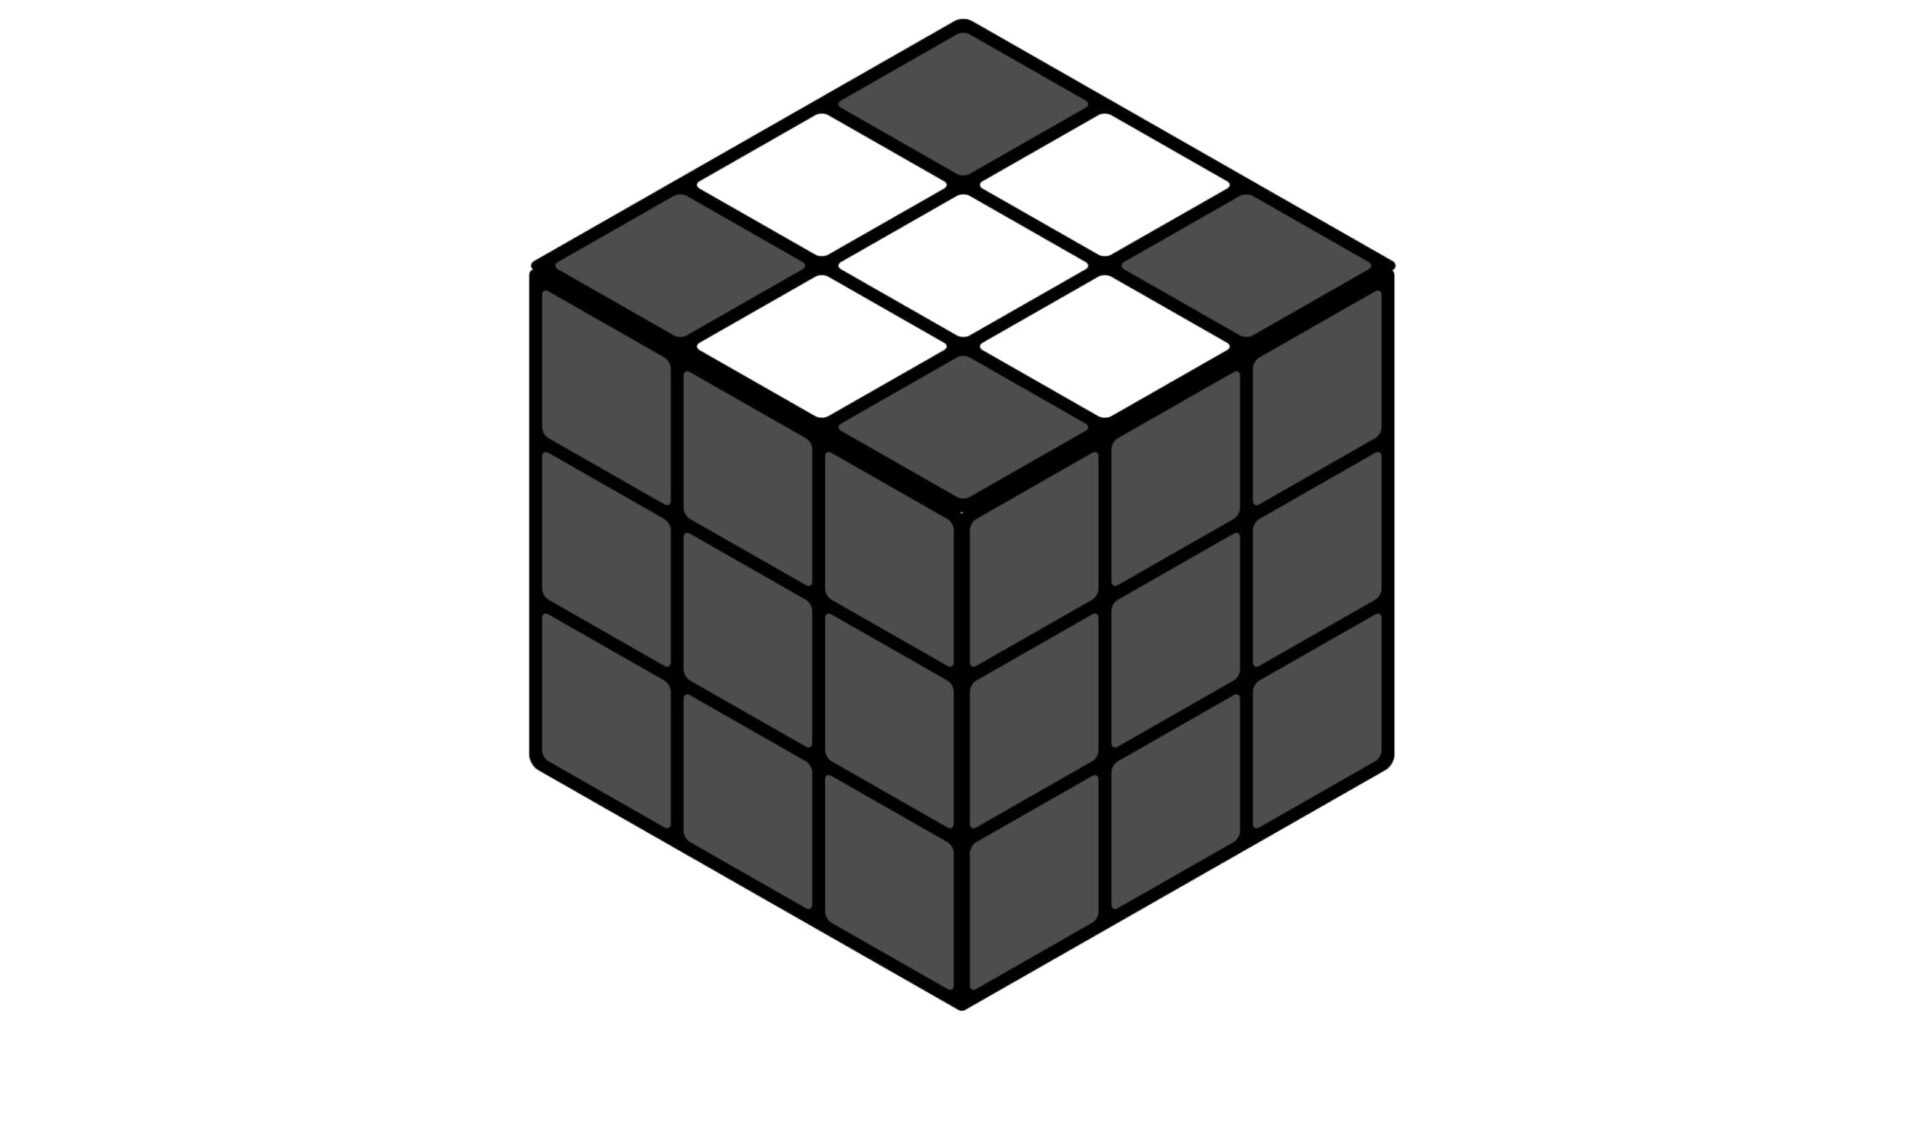 Кубик Рубик: обычный крест